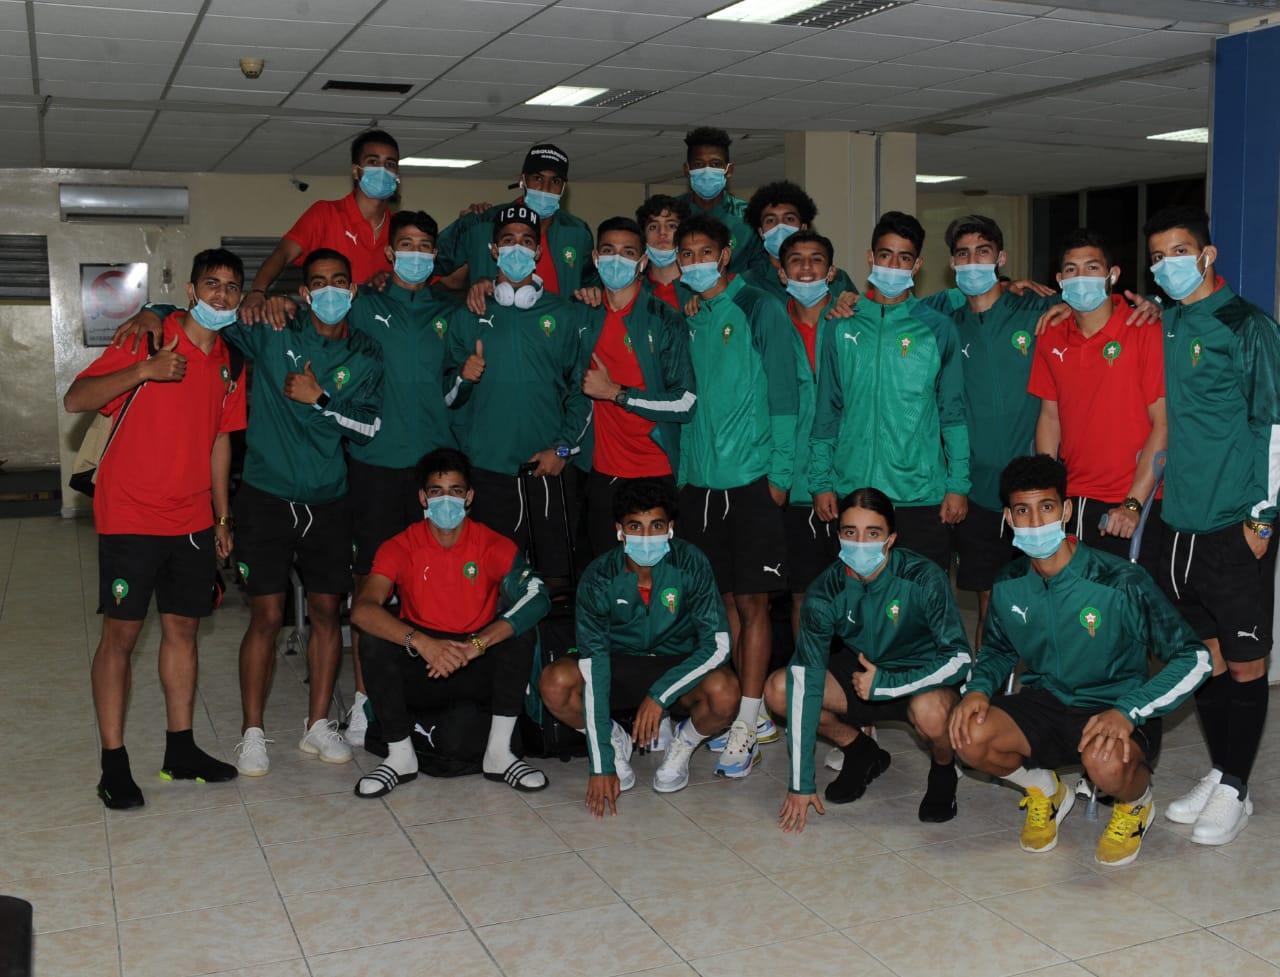 La délégation officielle de la sélection nationale U20 est arrivée ce vendredi 12 février 2021 à l'Aéroport international de Nouadhibou en Mauritanie